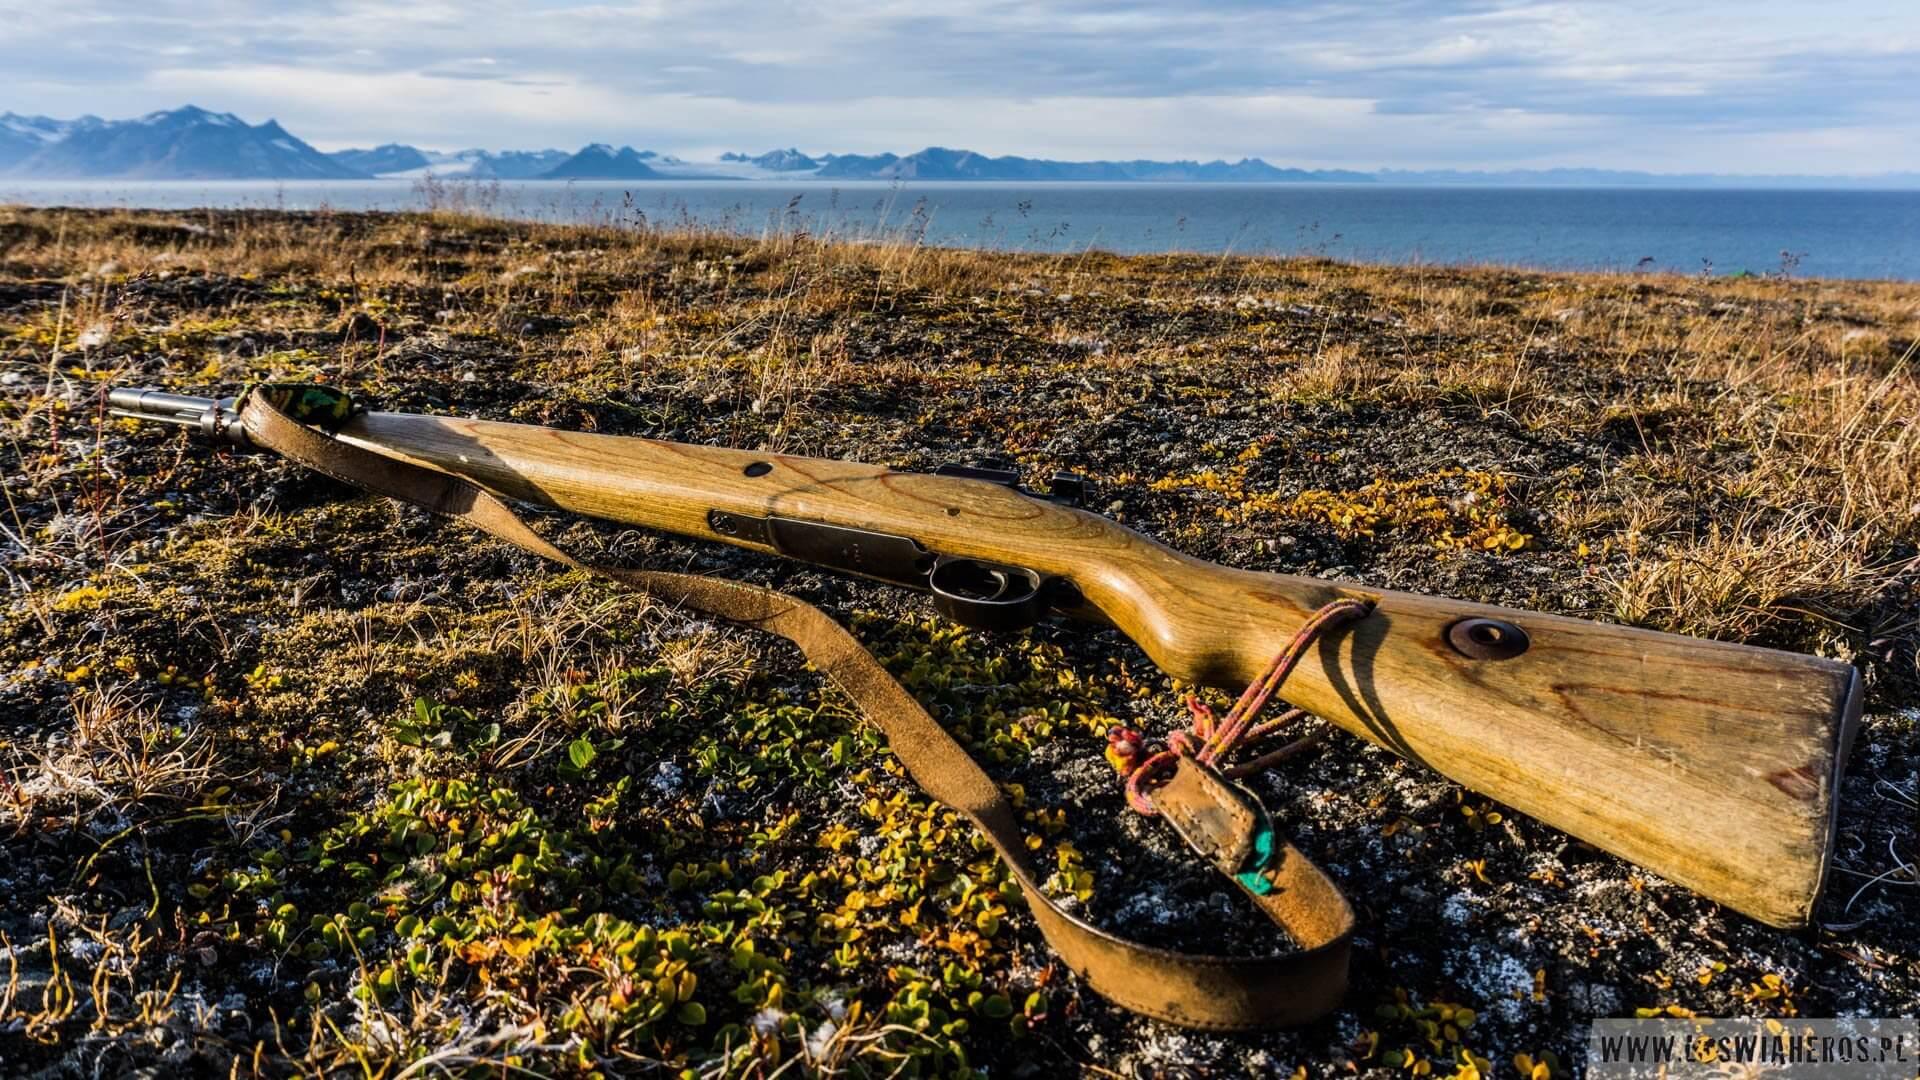 Do całej frajdy z chodzeniem po Arktyce trzeba dołożyć kolejne 5-6 kilogramów na plecy. Mauser jest nieodzownym elementem każdego wyjścia za miasto, bo spotkanie niedźwiedzia jest możliwe w każdym momencie. A spotkać chcemy go tylko wtedy, gdy jesteśmy bezpieczni np. na statku i podziwiamy miśka z pokładu.